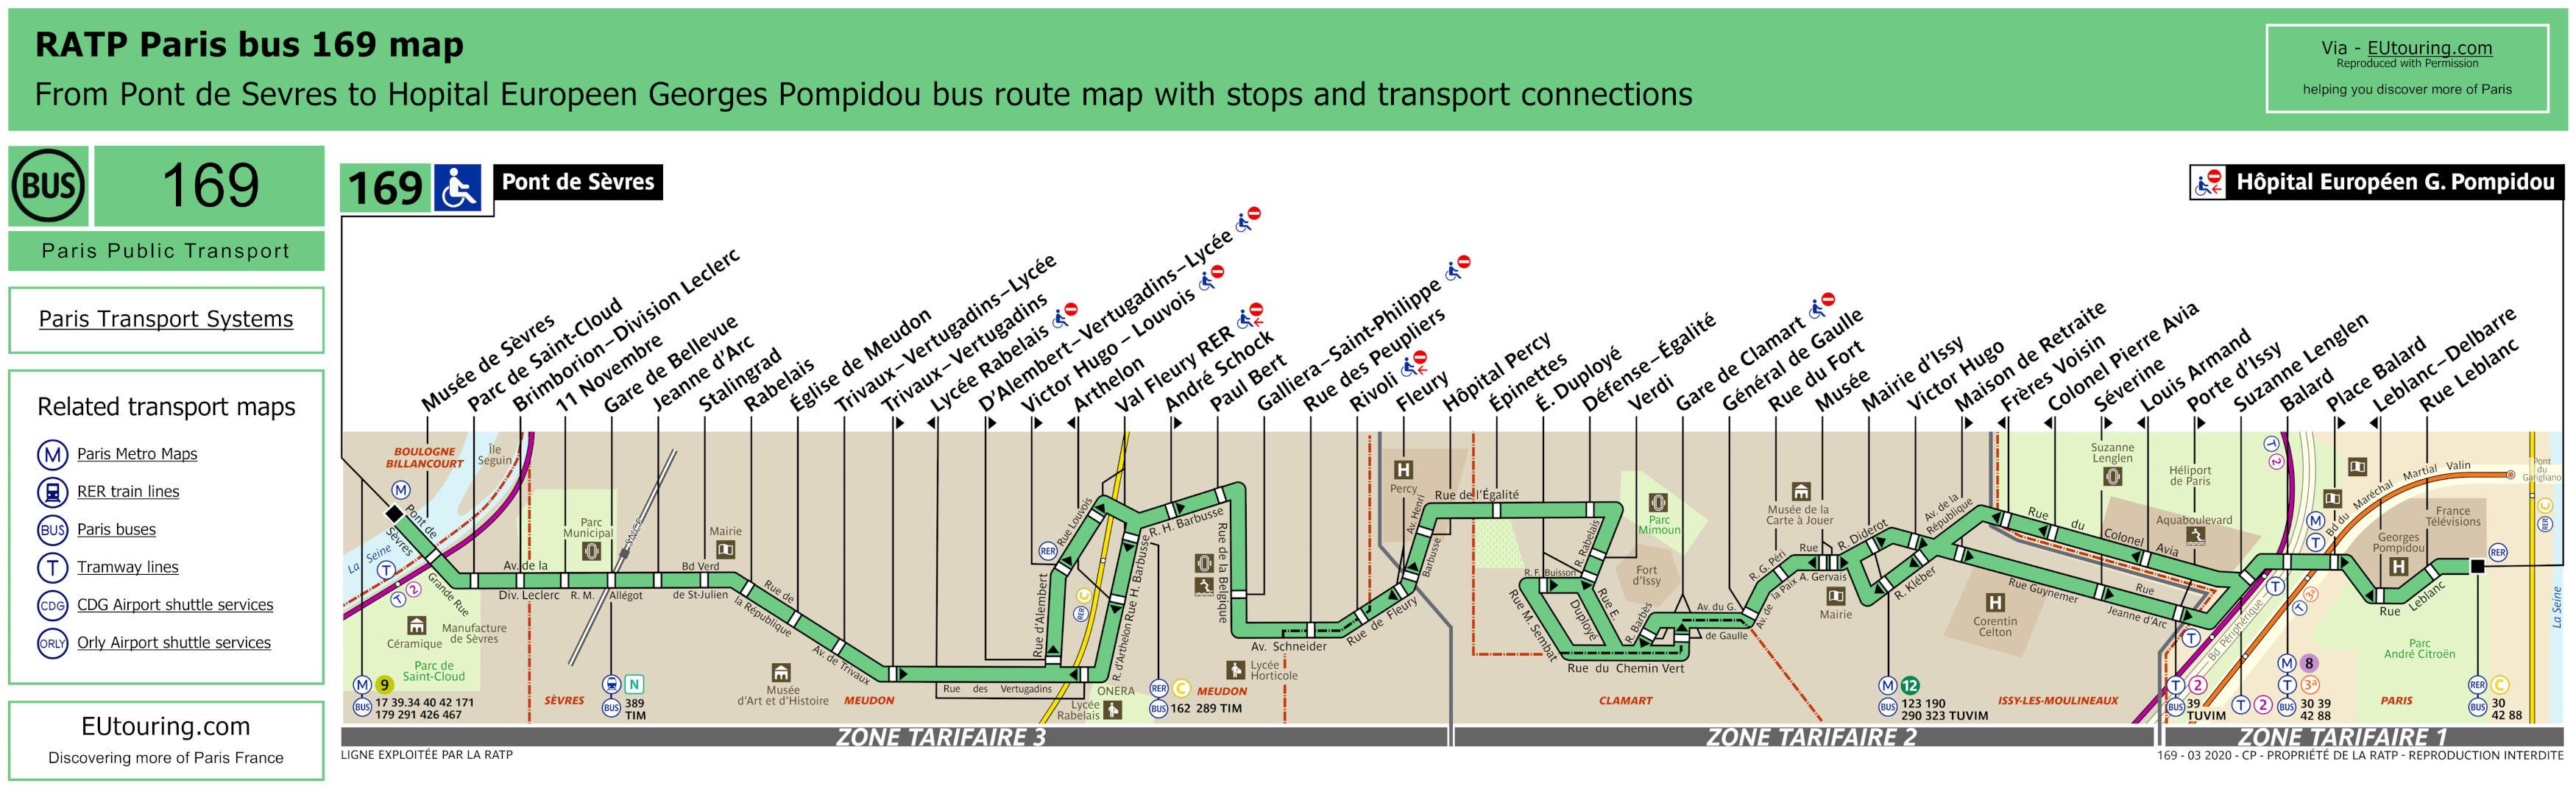 Ratp Bus Maps Timetables For Paris Bus Lines 160 To 169